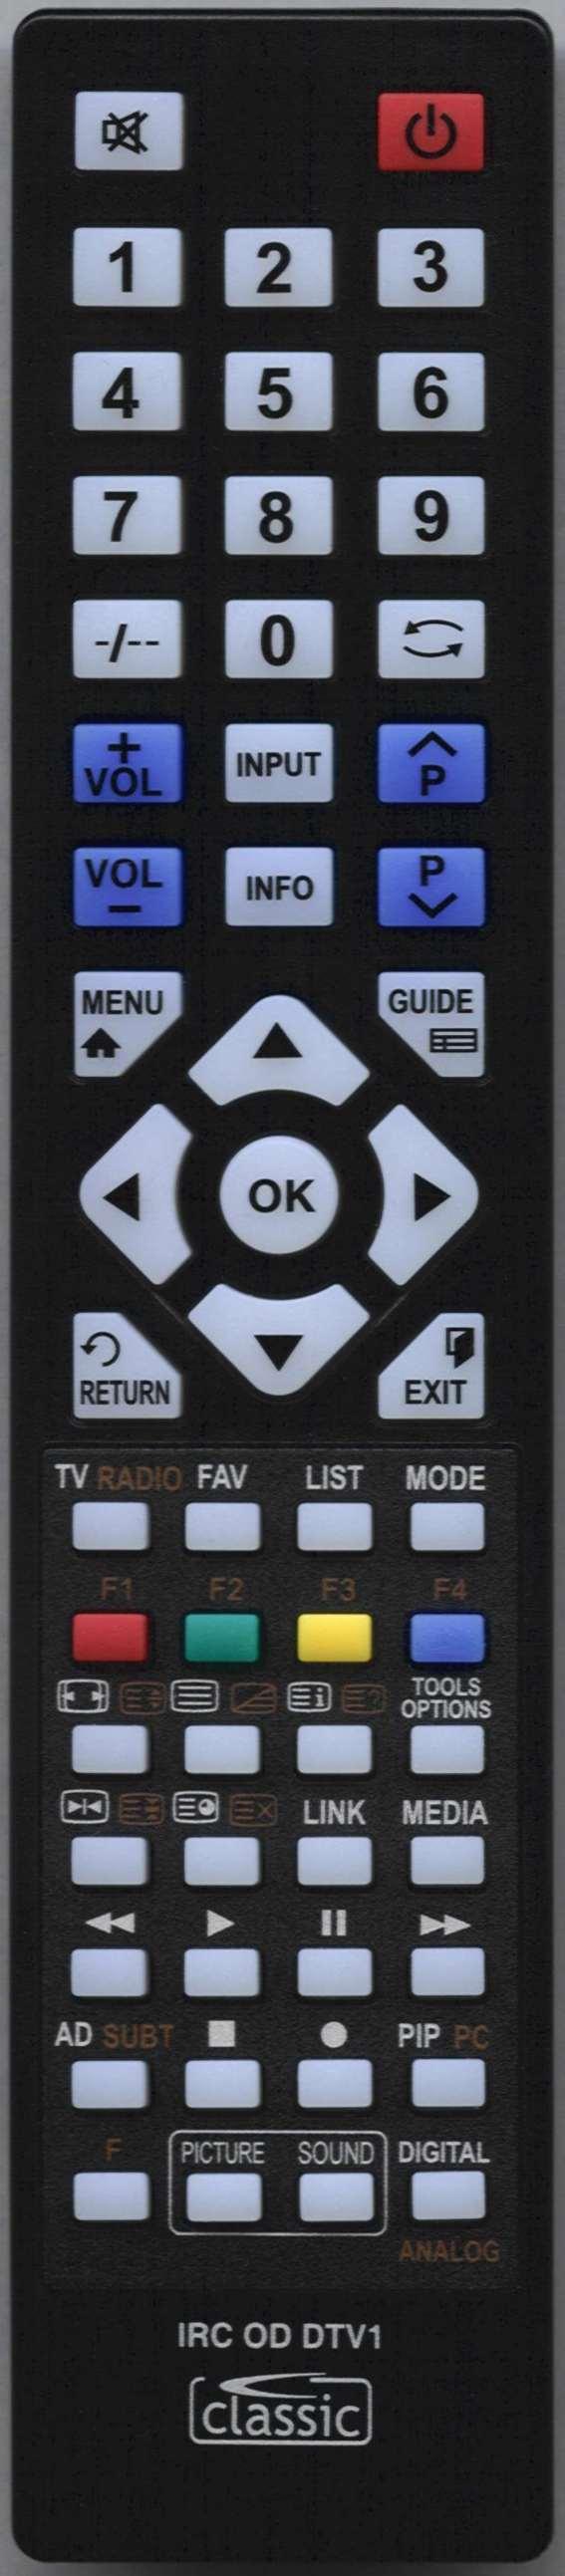 POLAROID P55FS0756A Remote Control